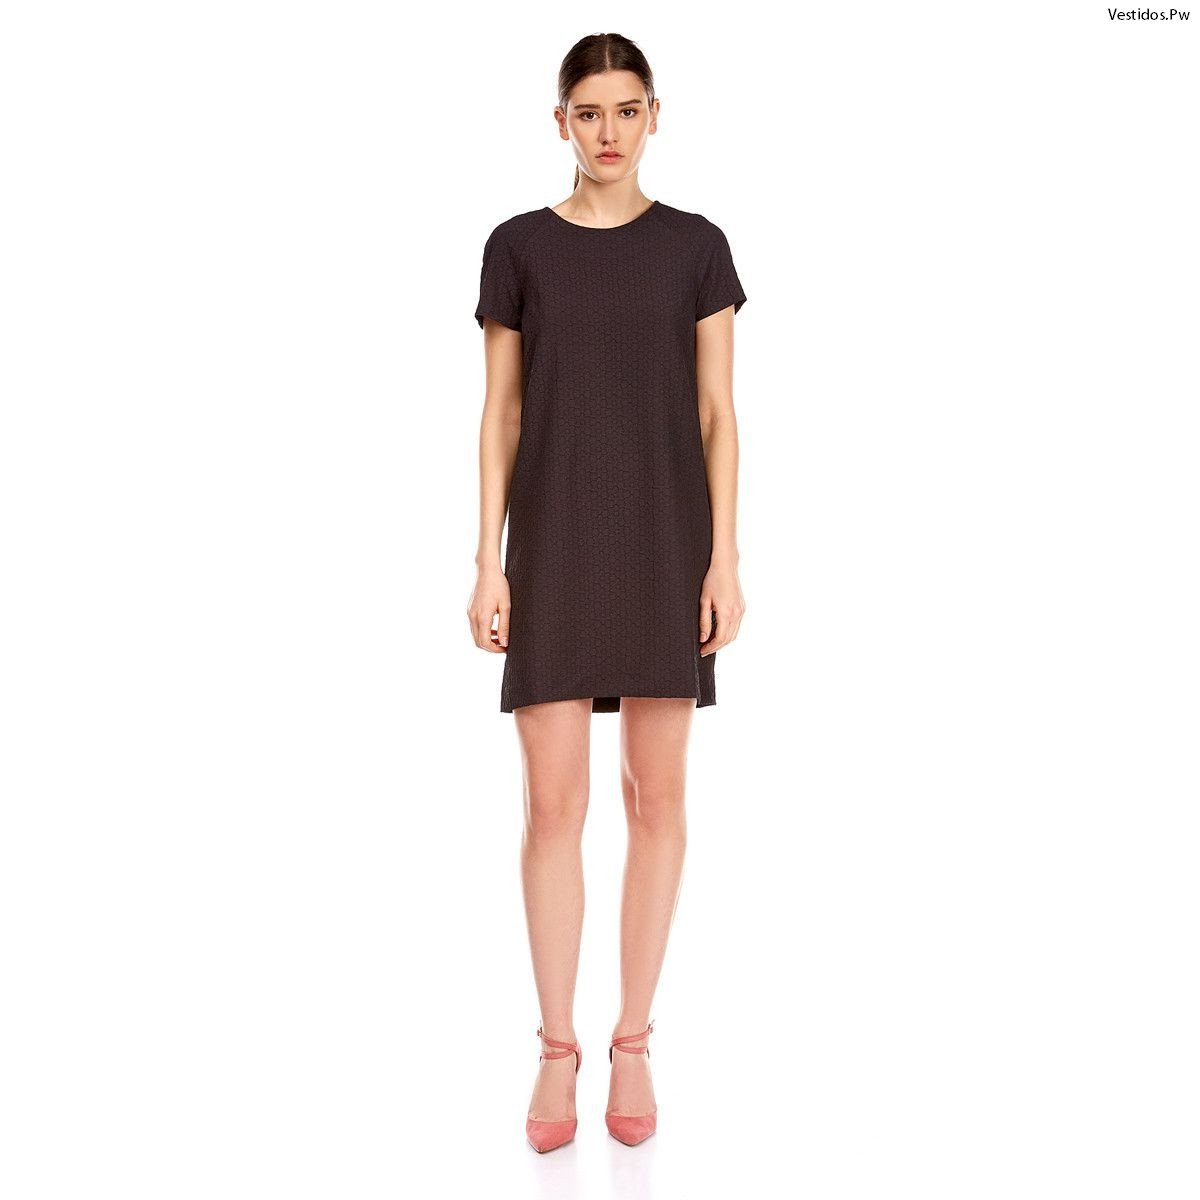 Modelos de vestidos cortos actuales